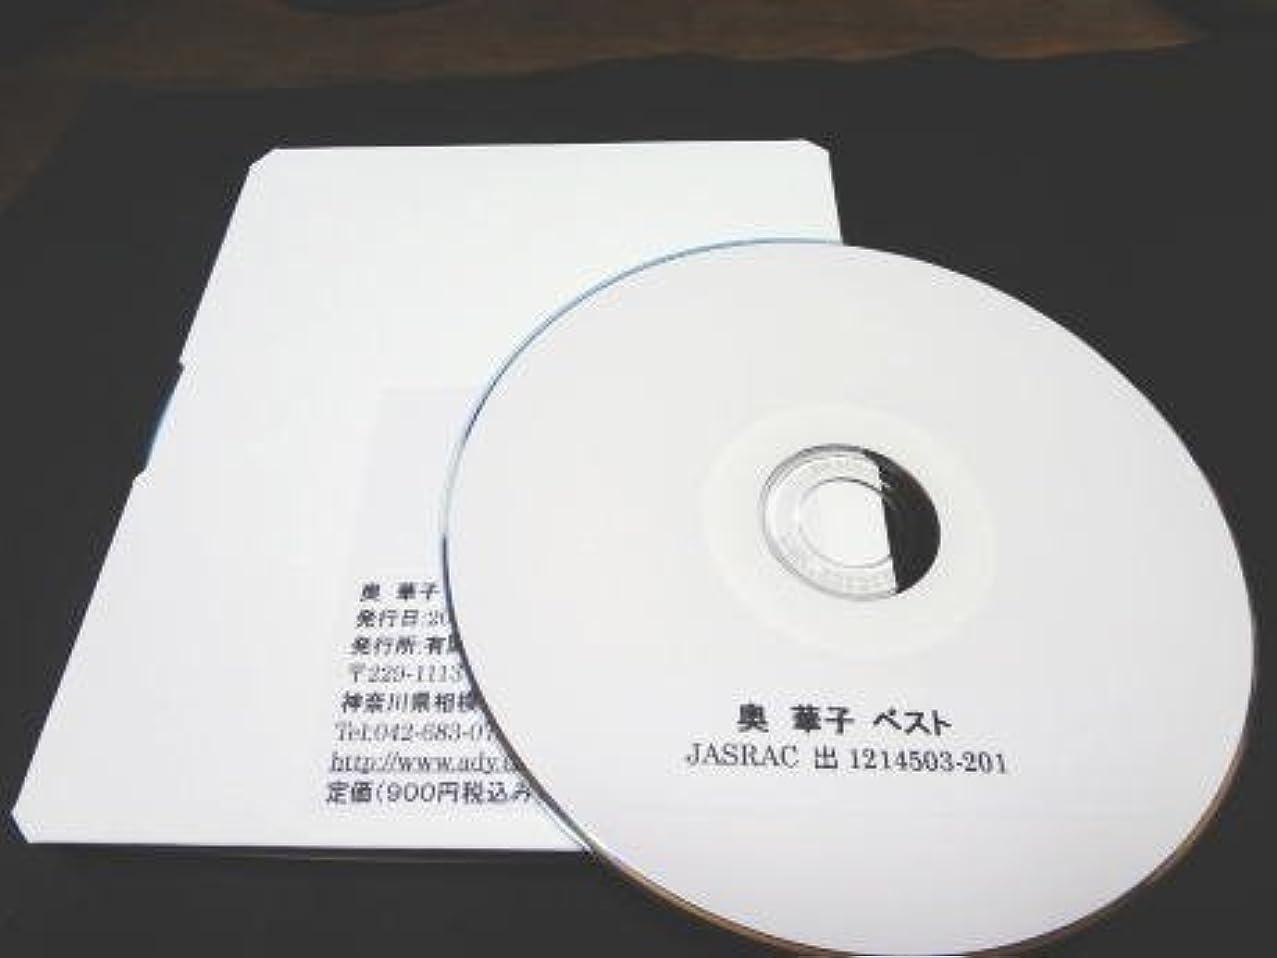 ギターコード譜シリーズ(CD-R版)/奥 華子 ベスト(全70曲収録)